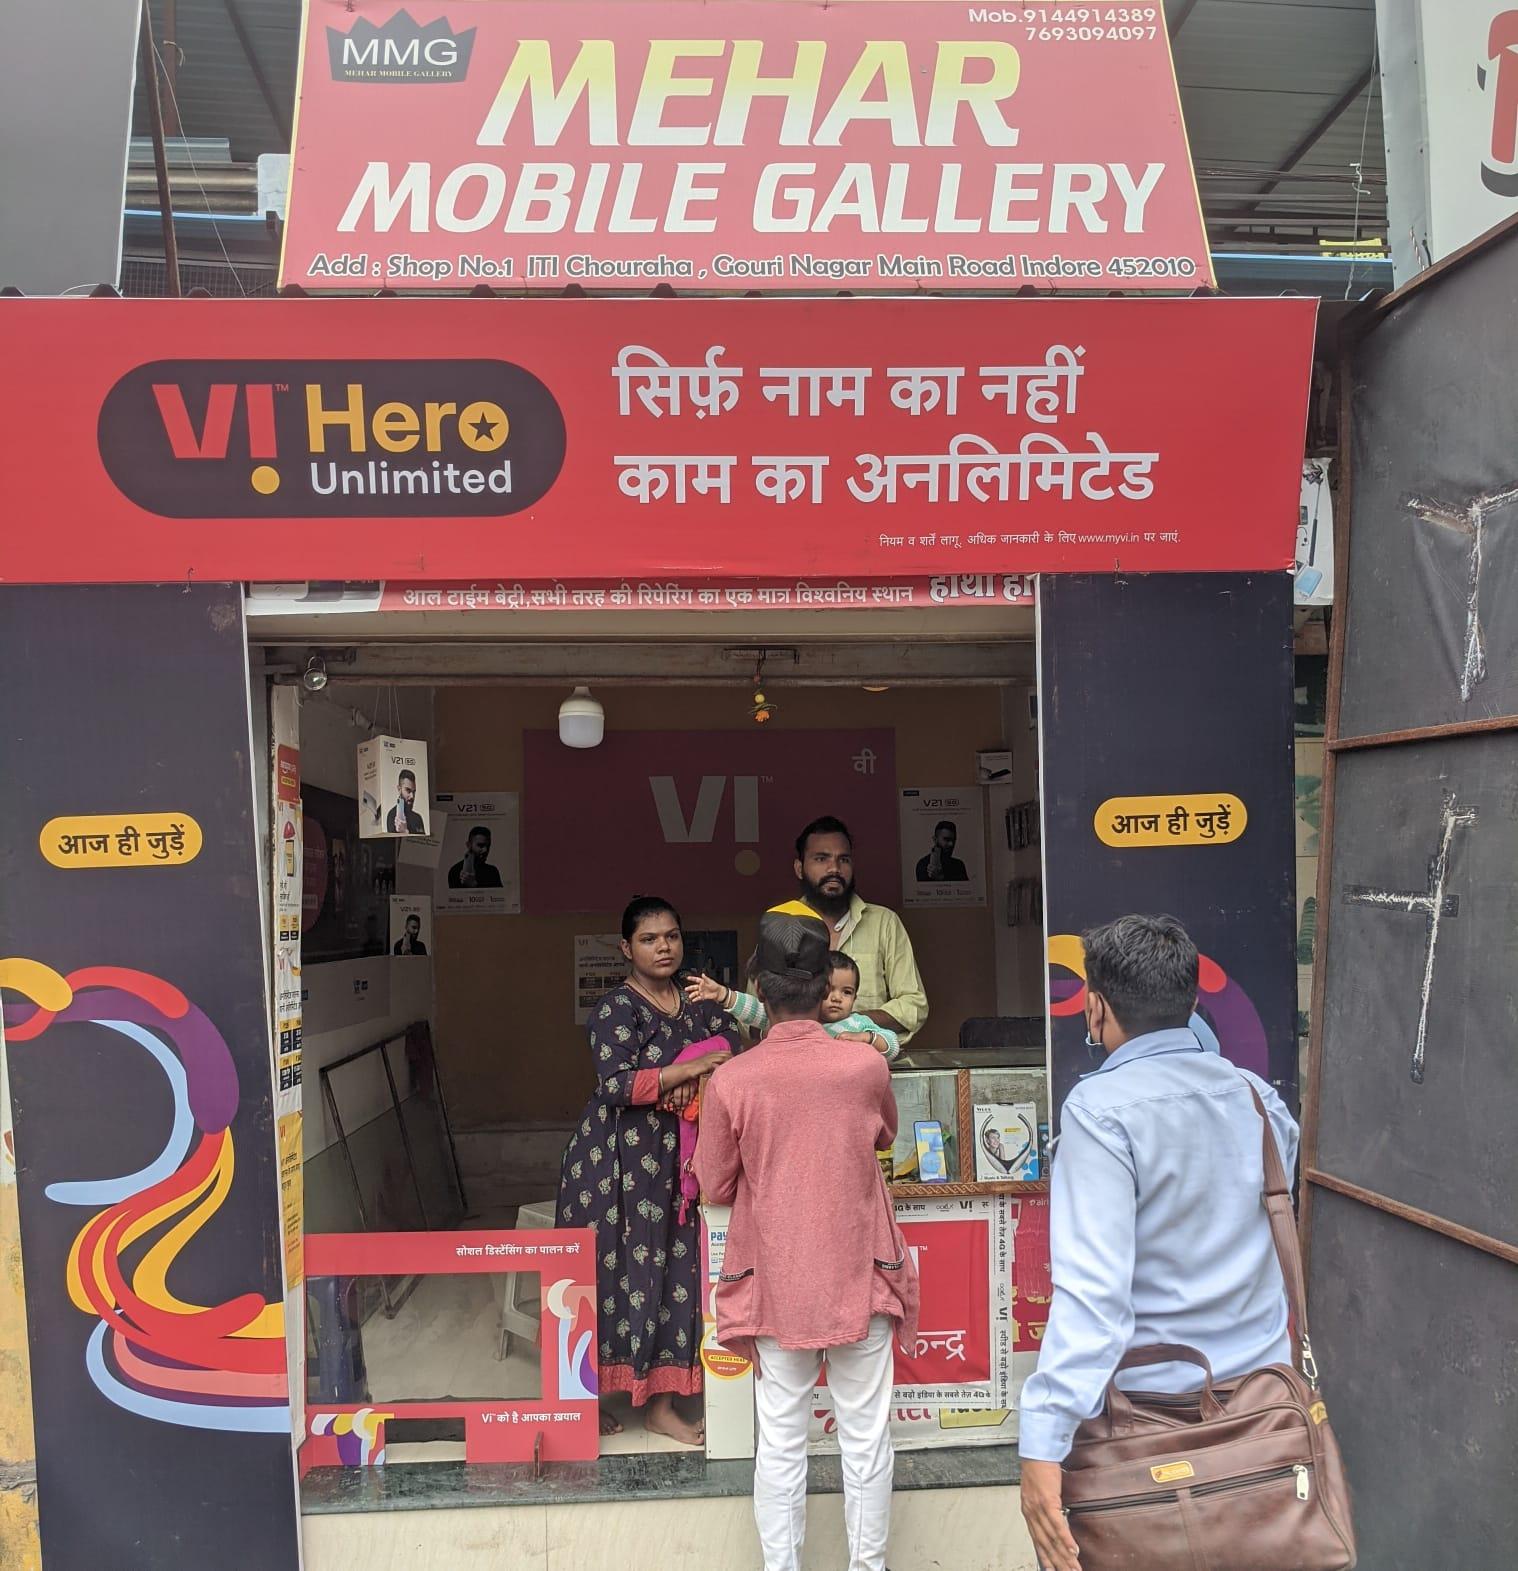 Mehar Mobile Gallary